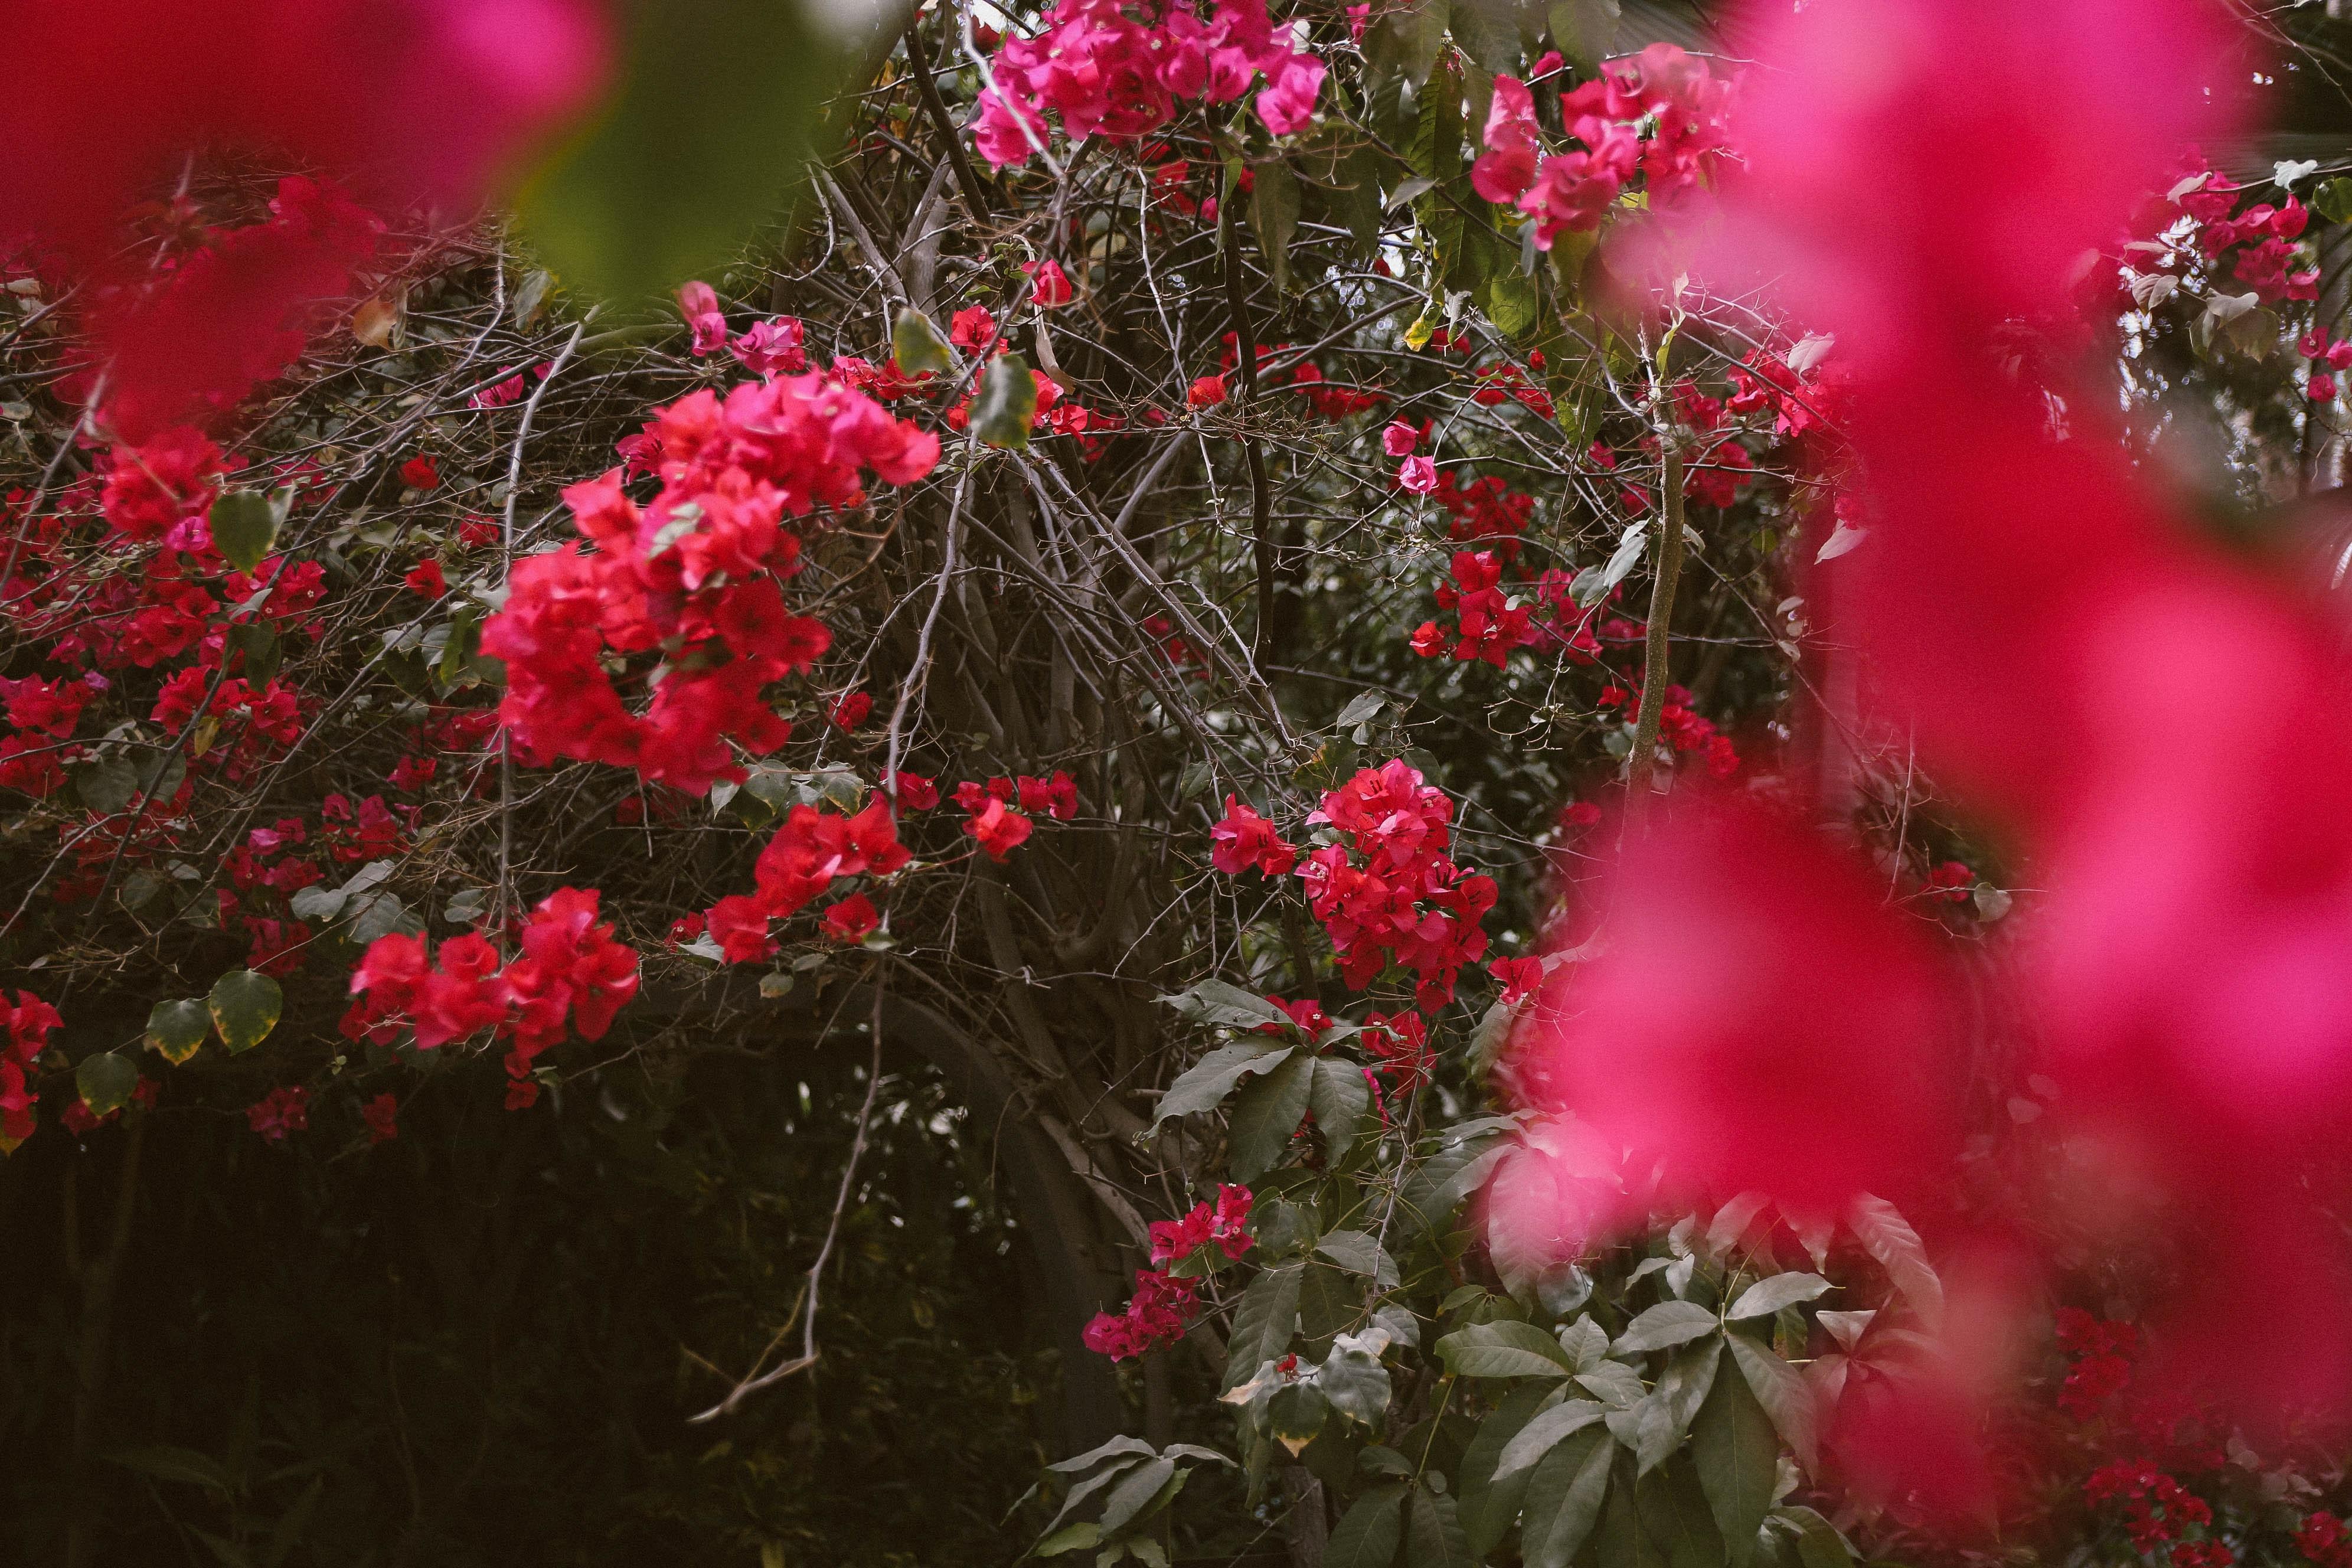 Fotoğraf Güzel çiçekler çiçek Açmak çiçeklenme çiçek